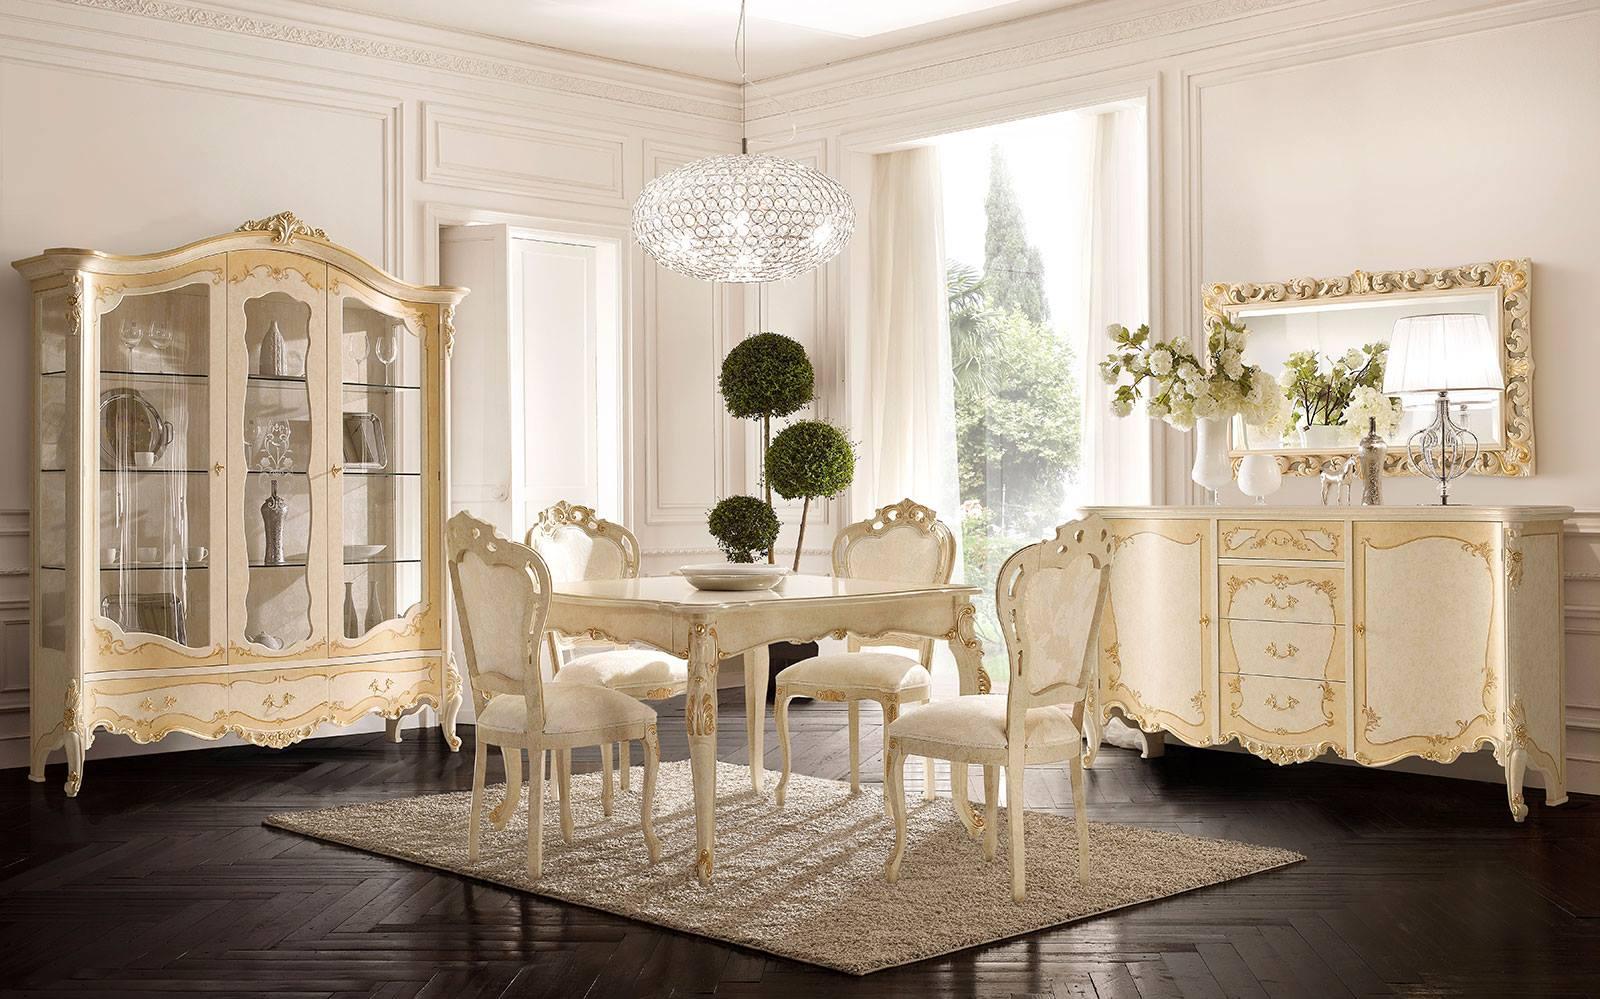 Negozi lampadari design roma la collezione di disegni di lampade che presentiamo - Negozi mobili giardino bari ...